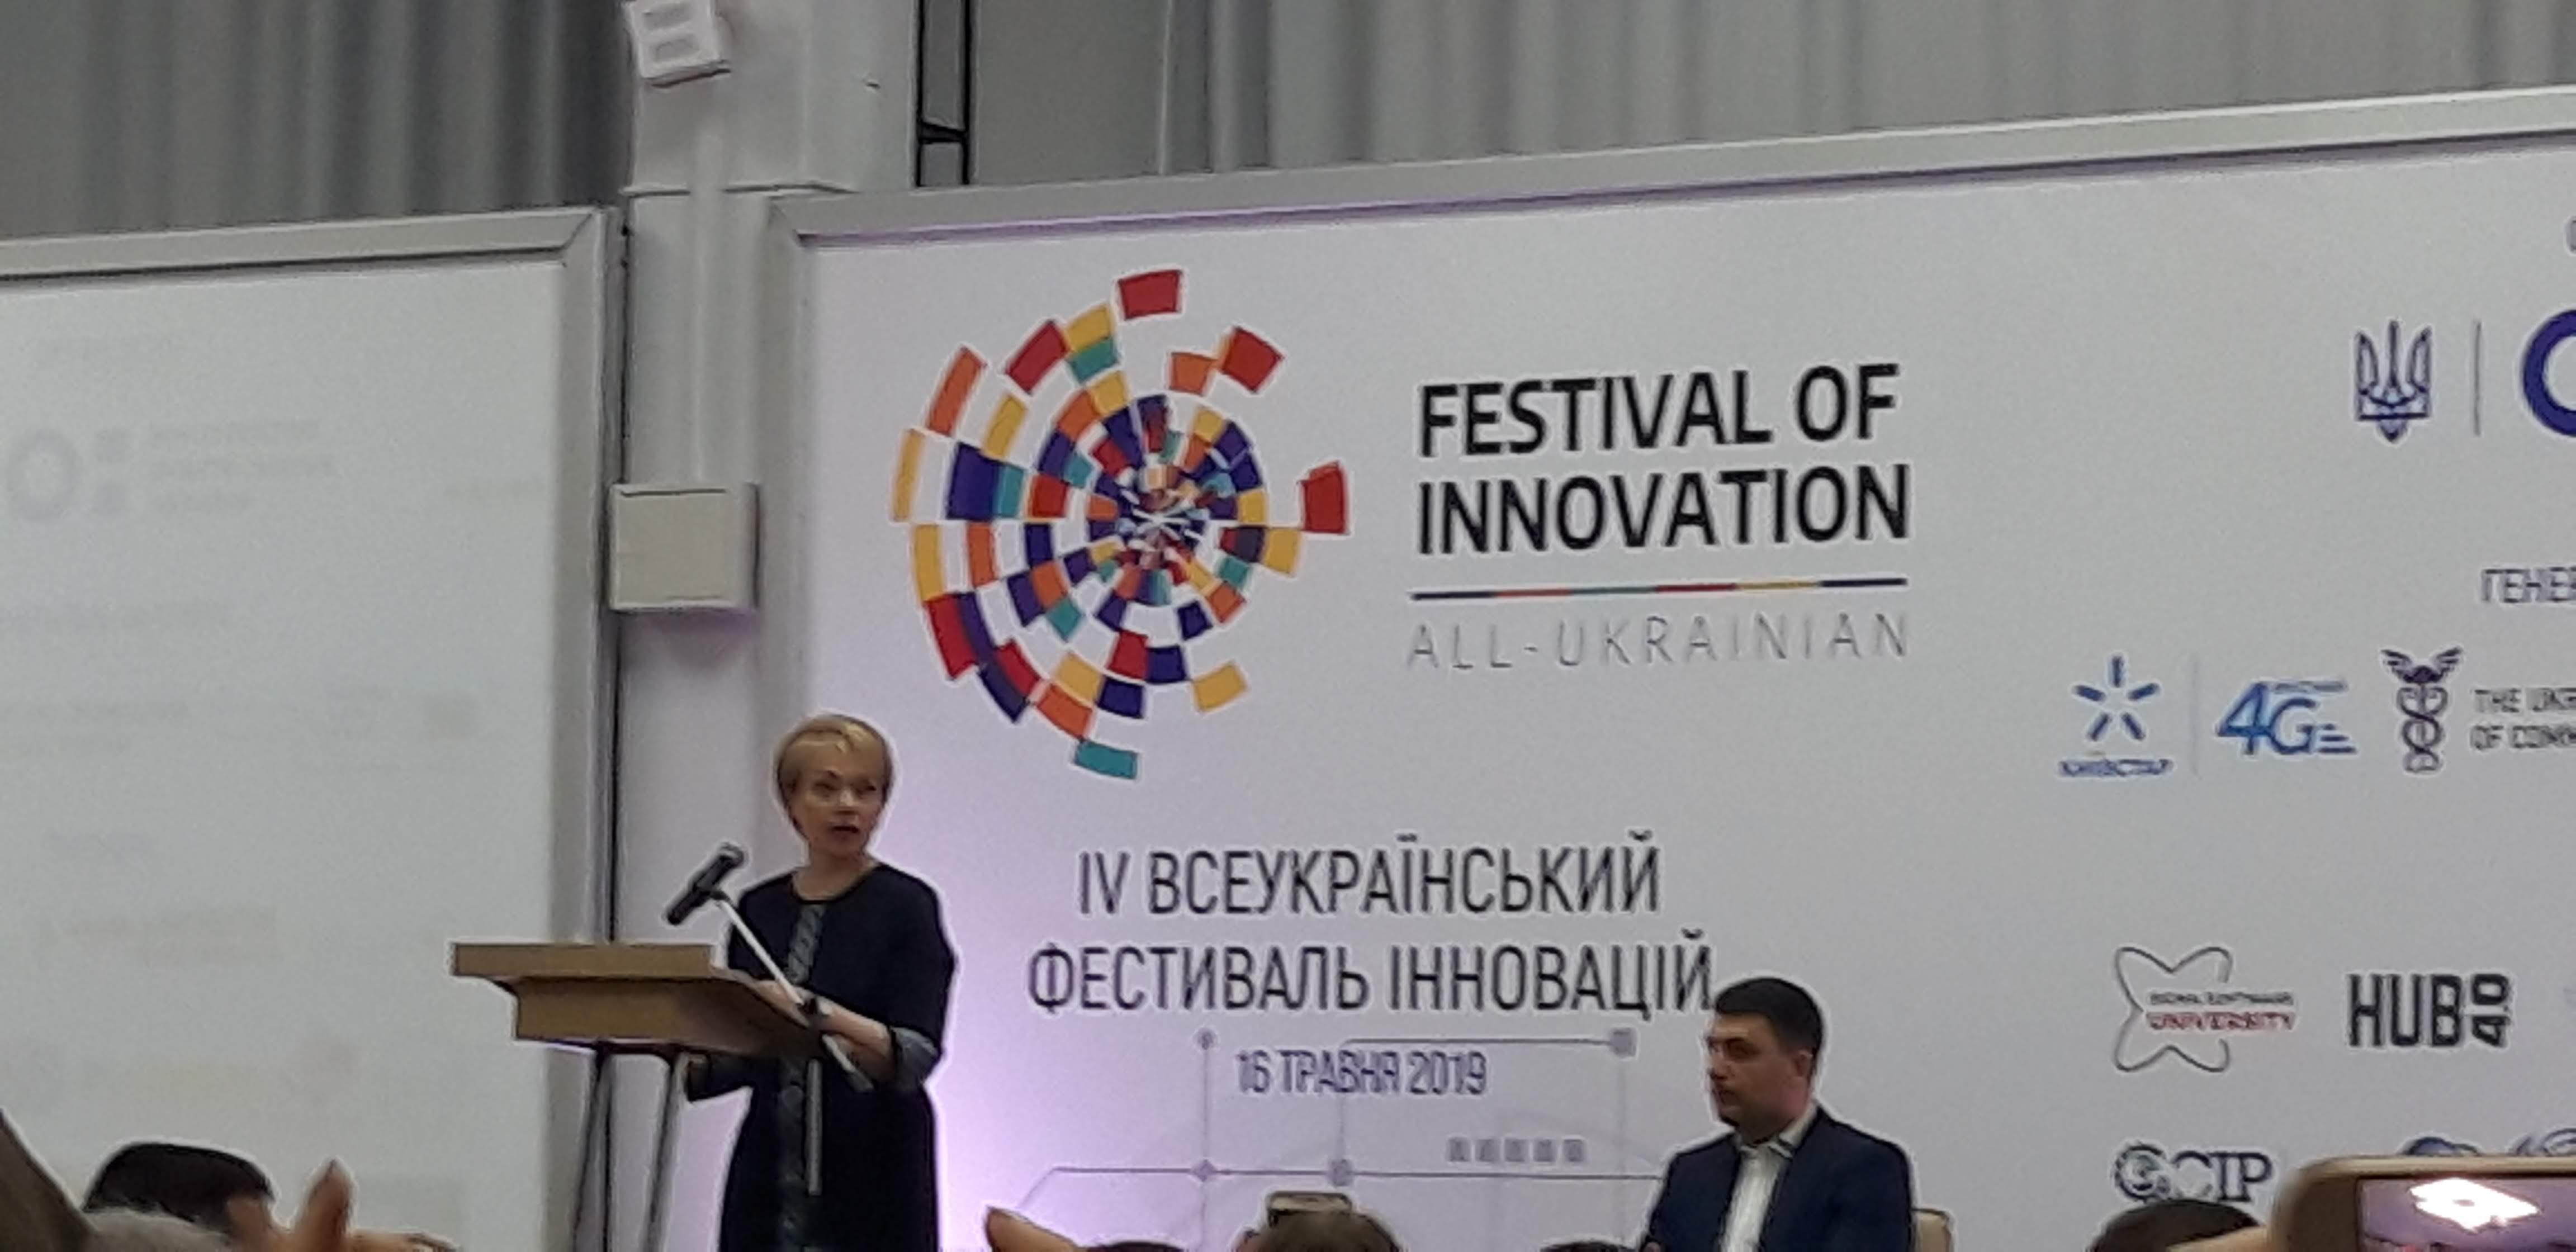 Innovation Festival 2019